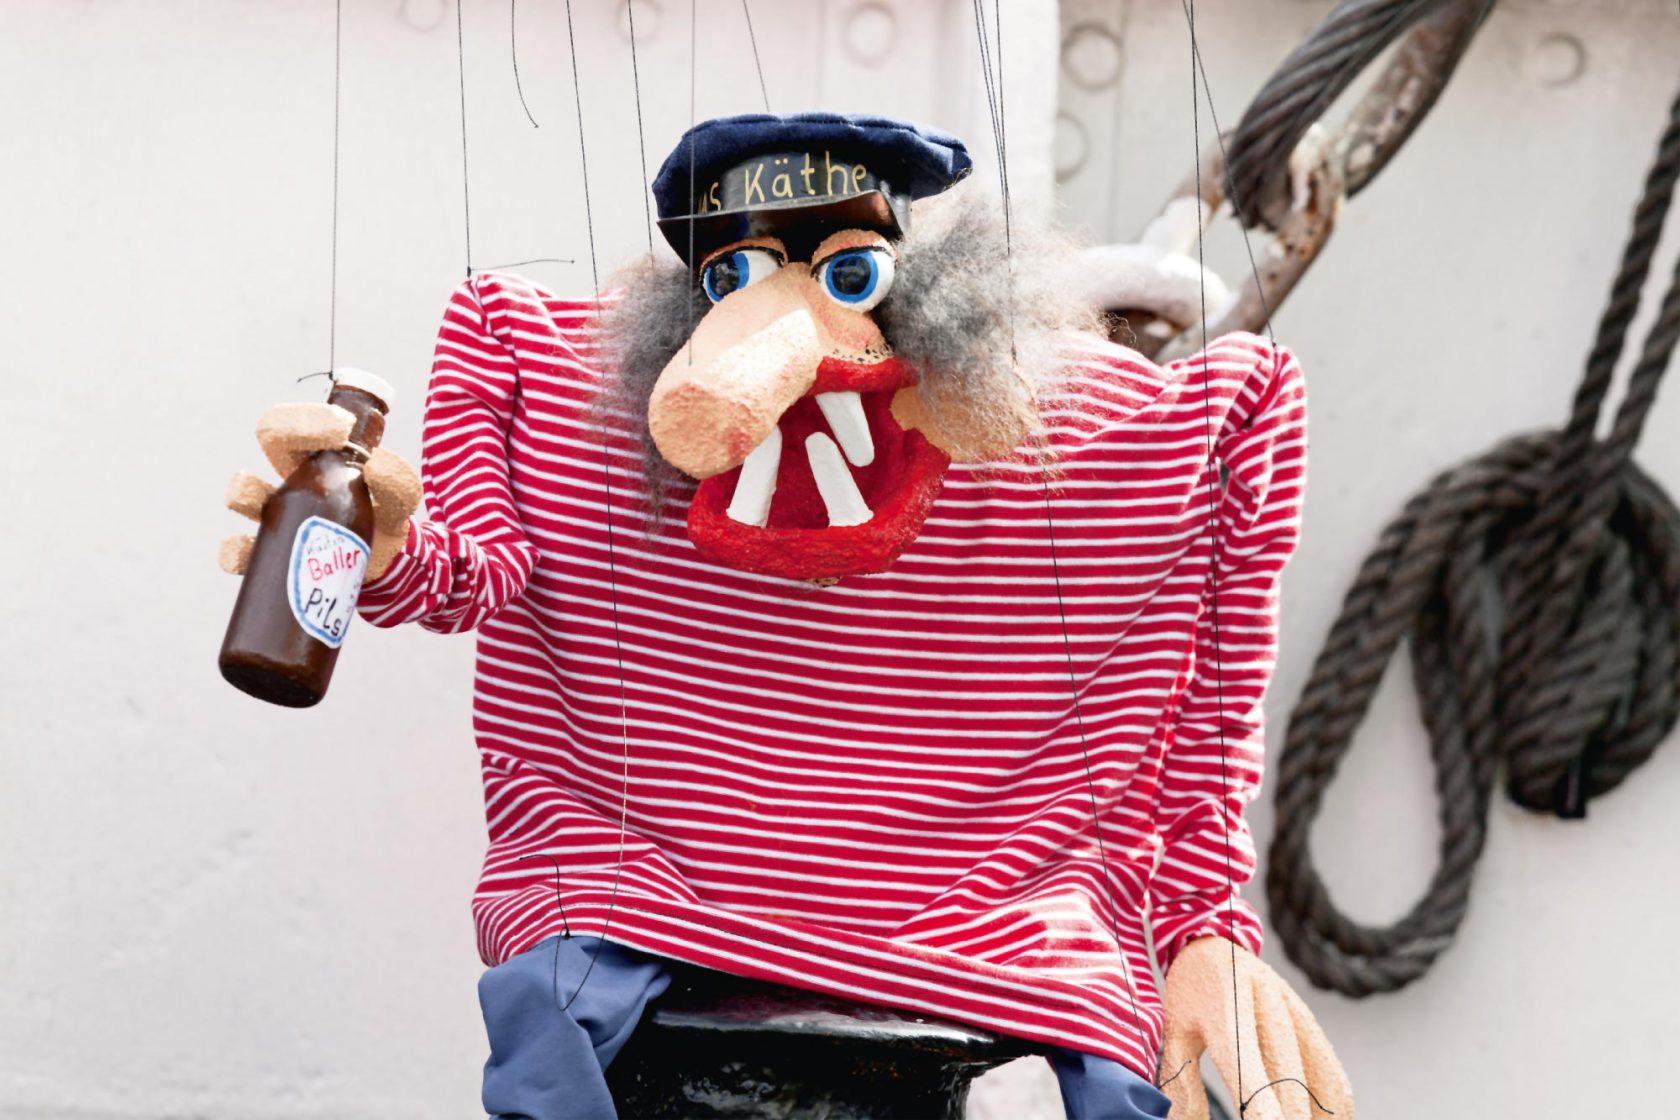 Kapitän Käthe